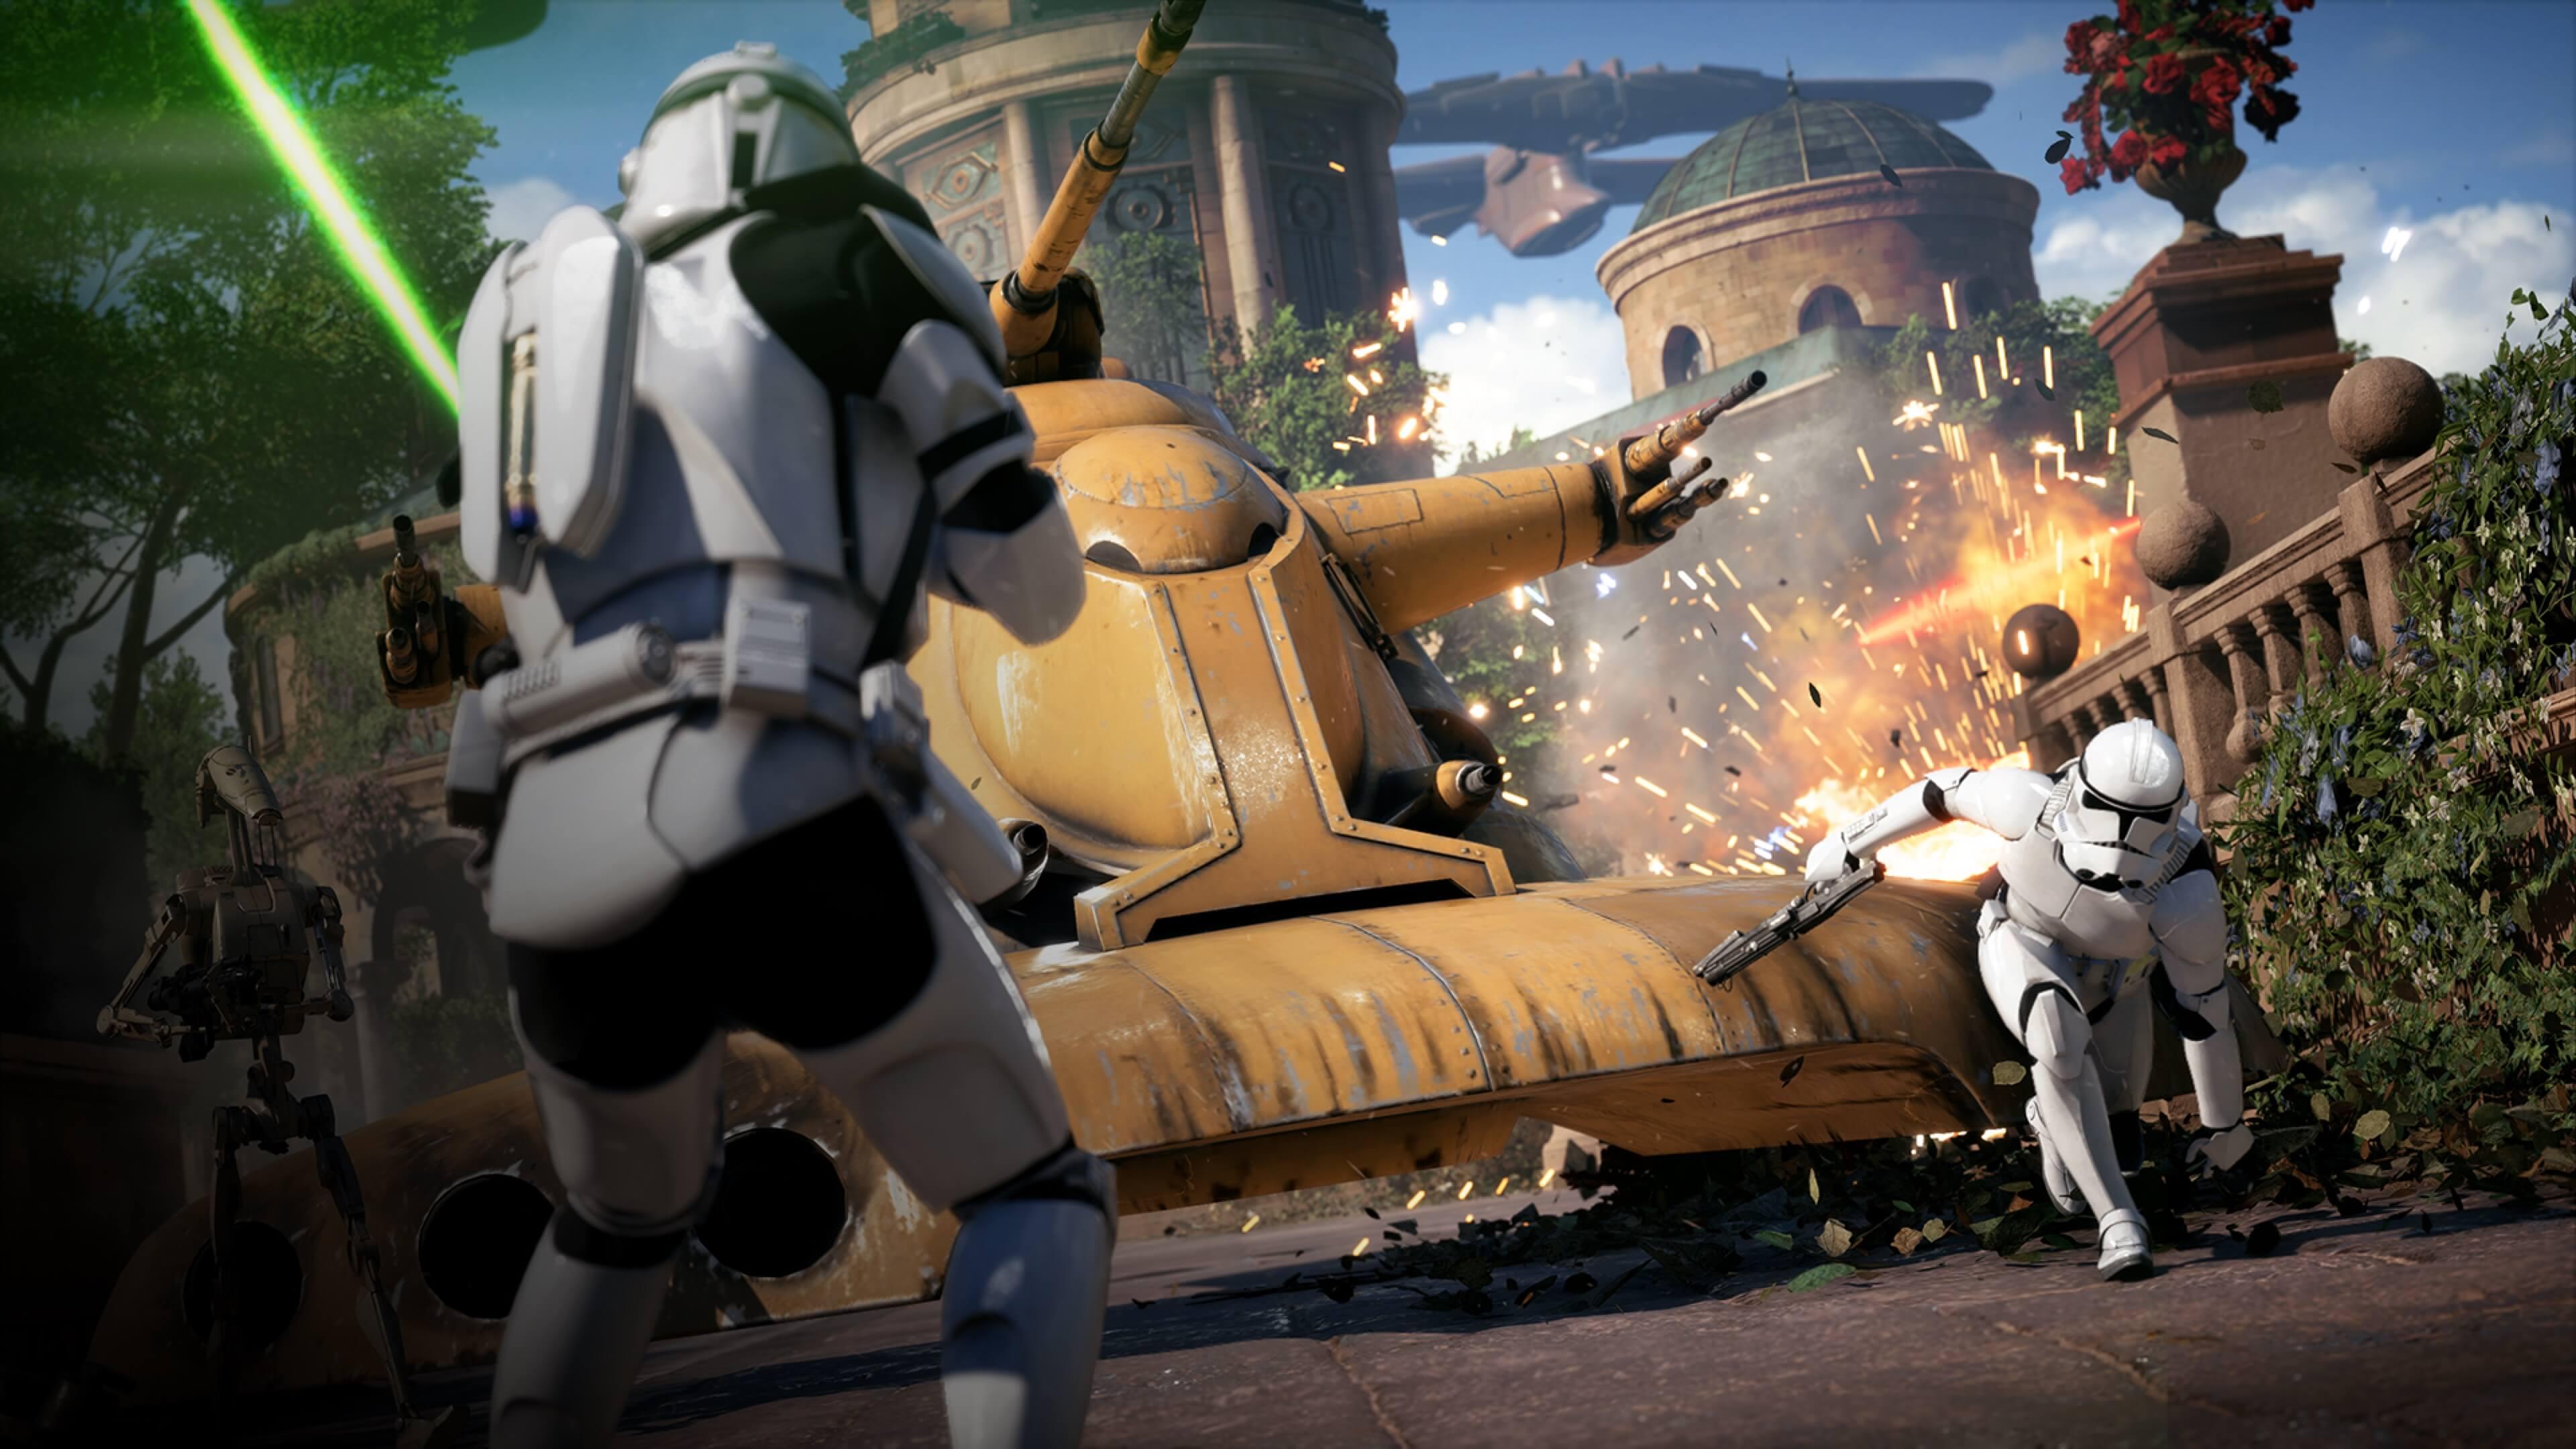 Star Wars EA Battlefront 2 Wallpaper HD Hi Res 33 | Geek Carl